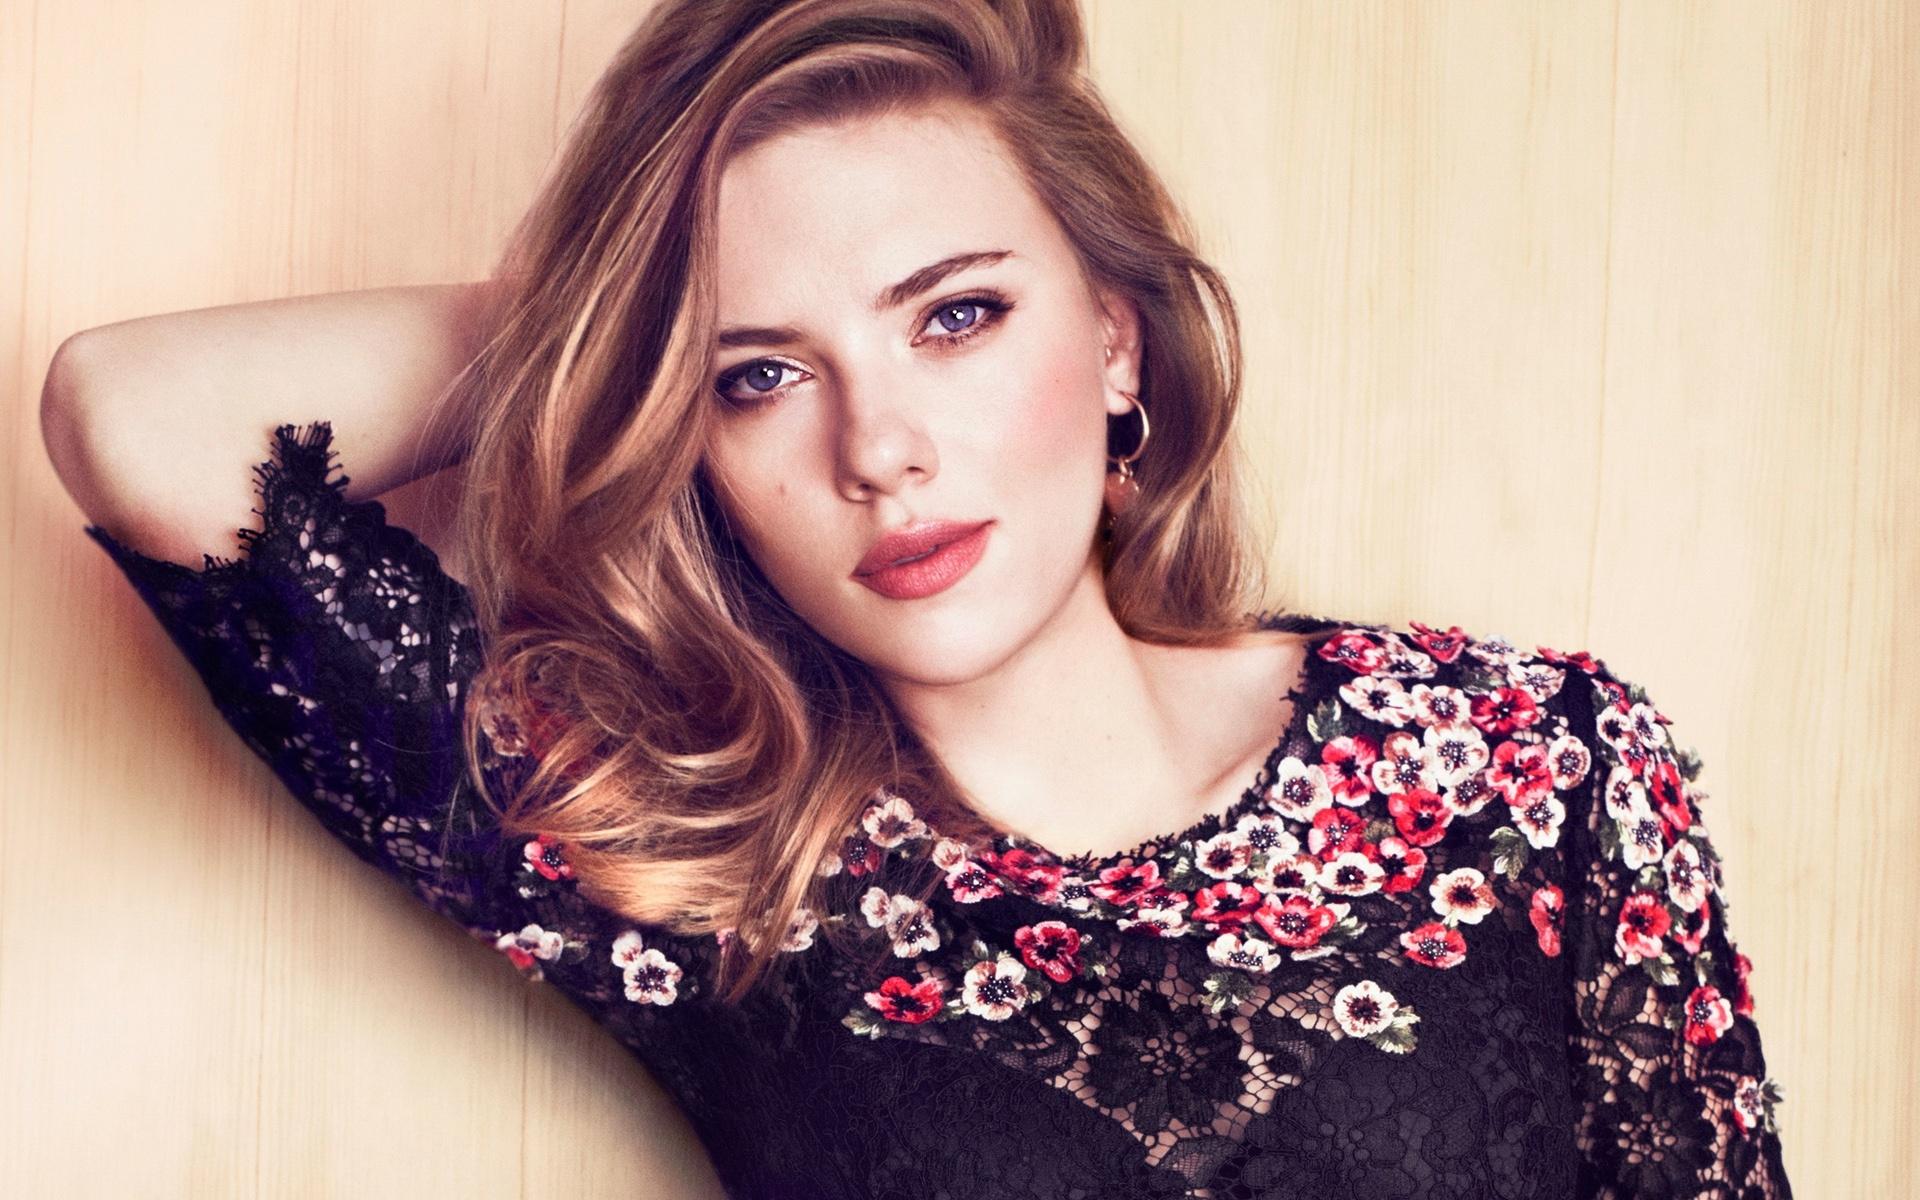 Scarlett Johansson Fondo De Pantalla Hd Fondo De